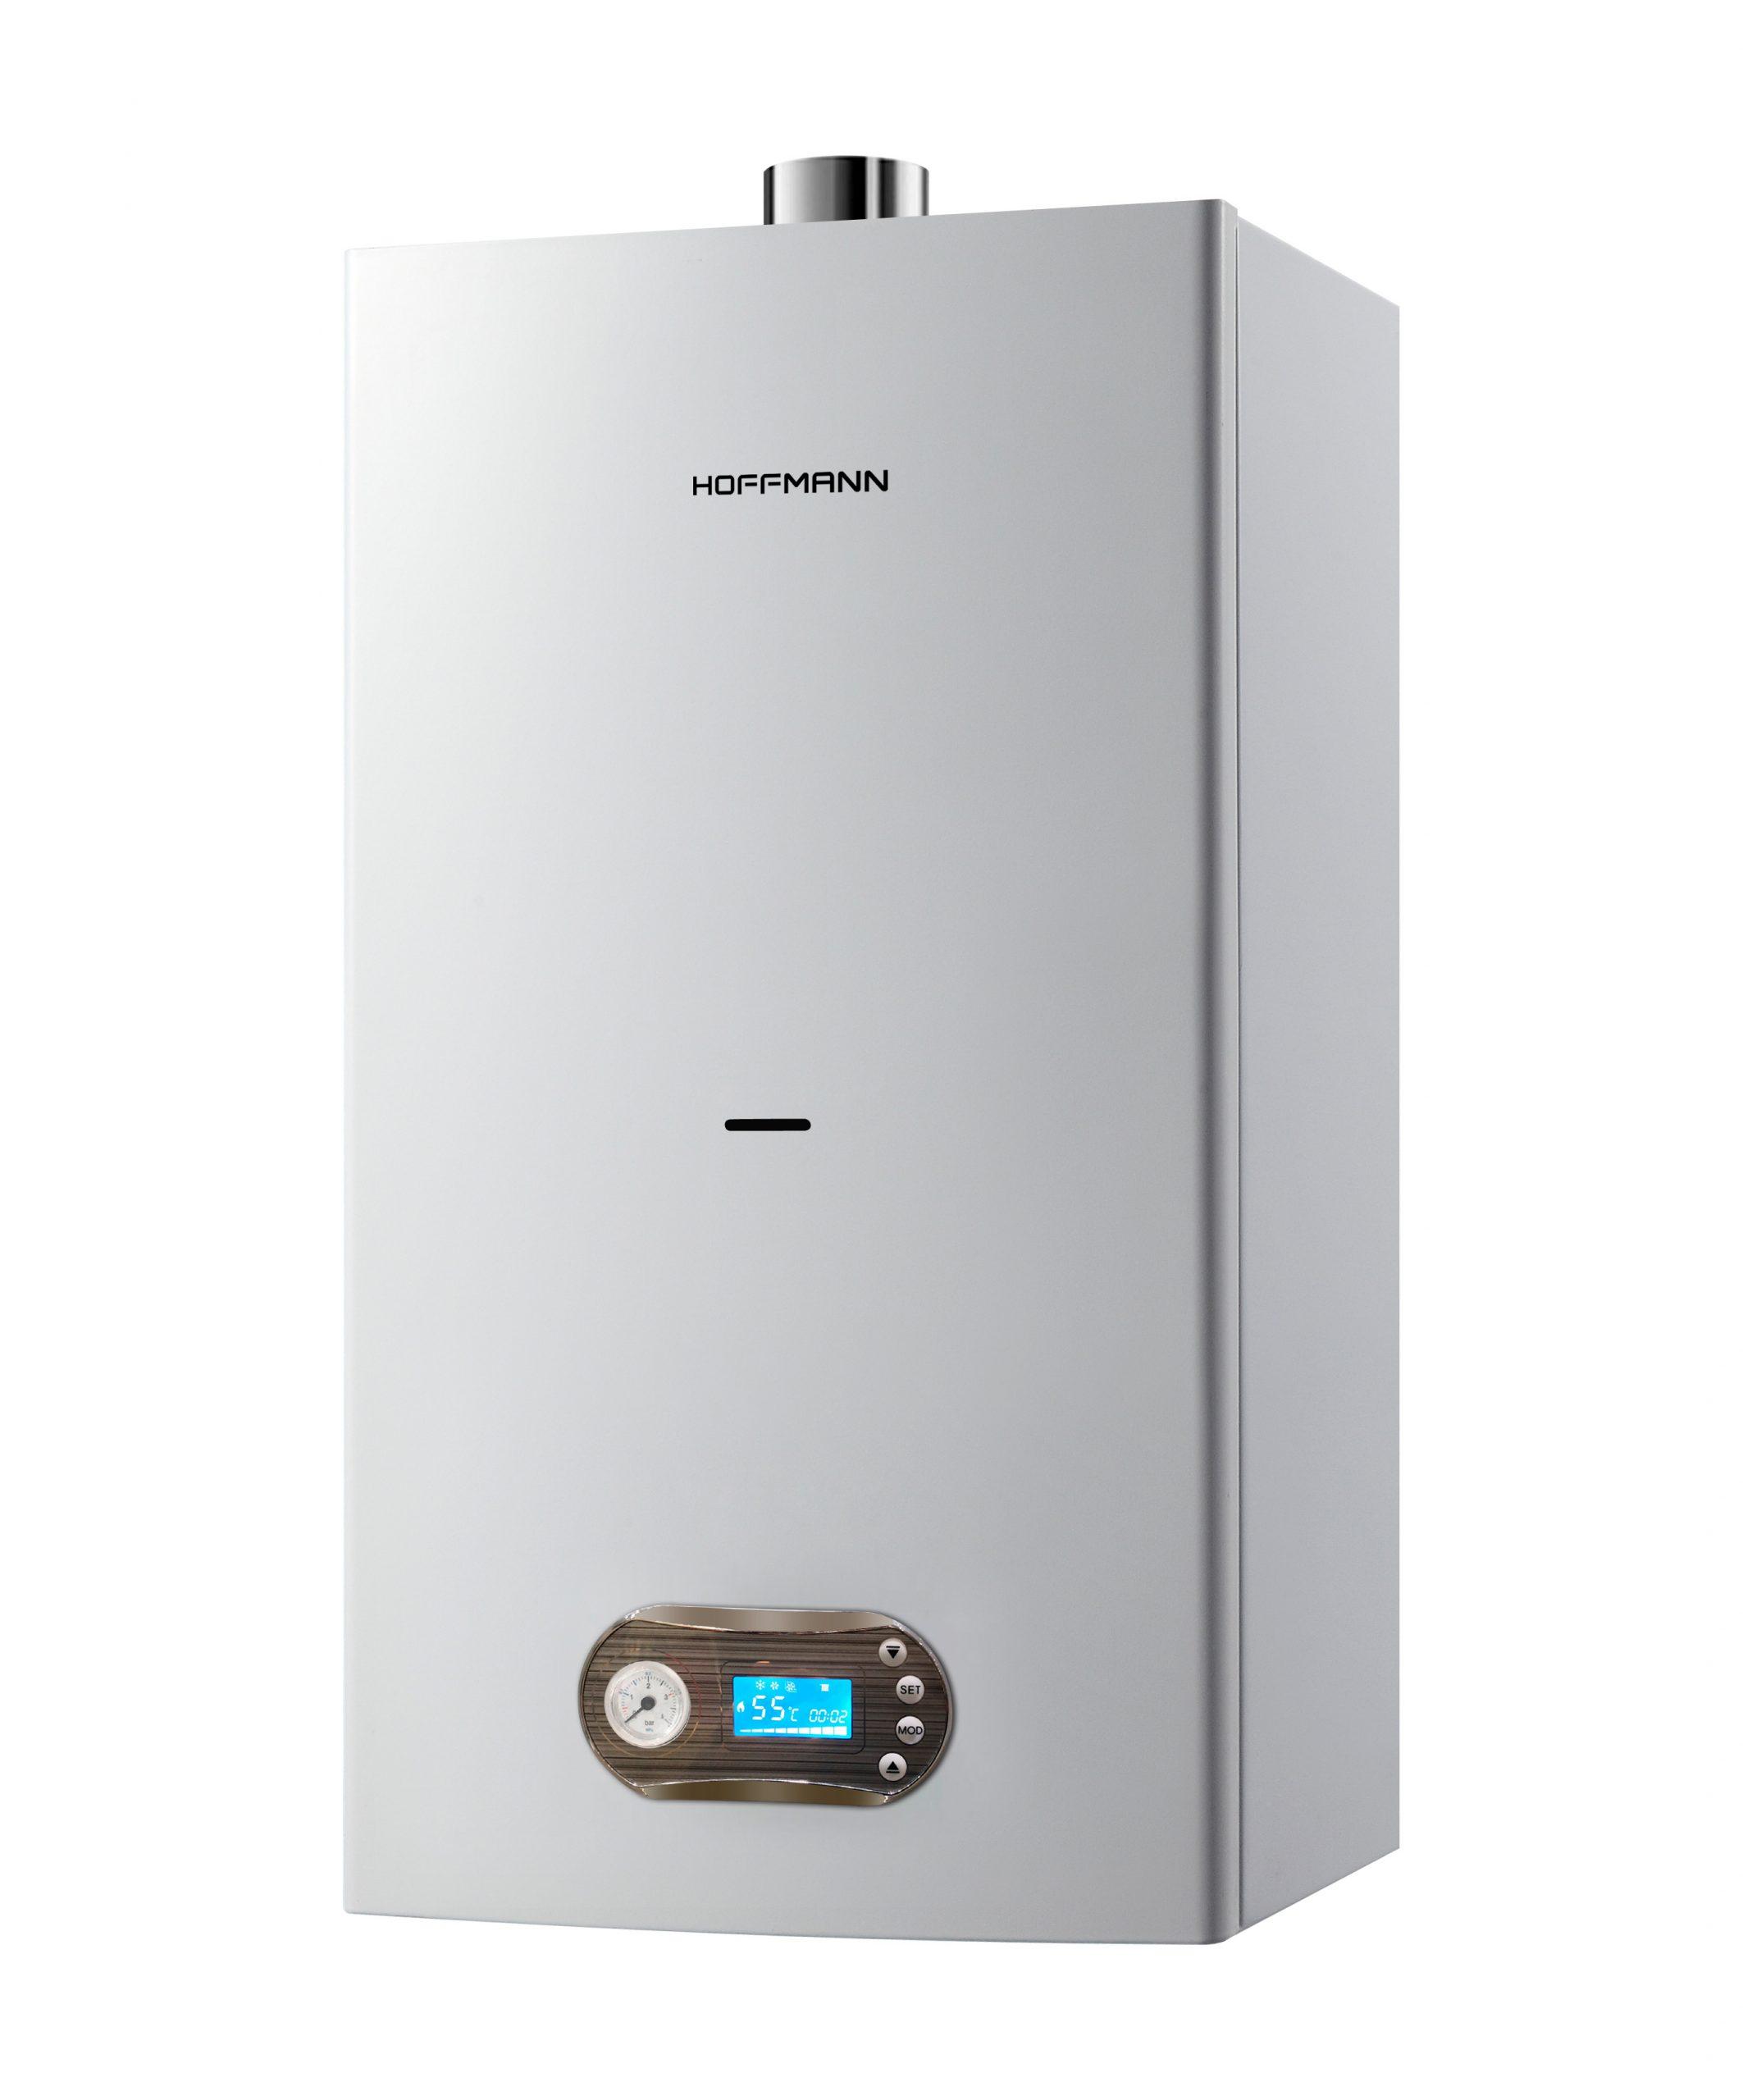 Комби система HOFFMANN 24 KW  - 1